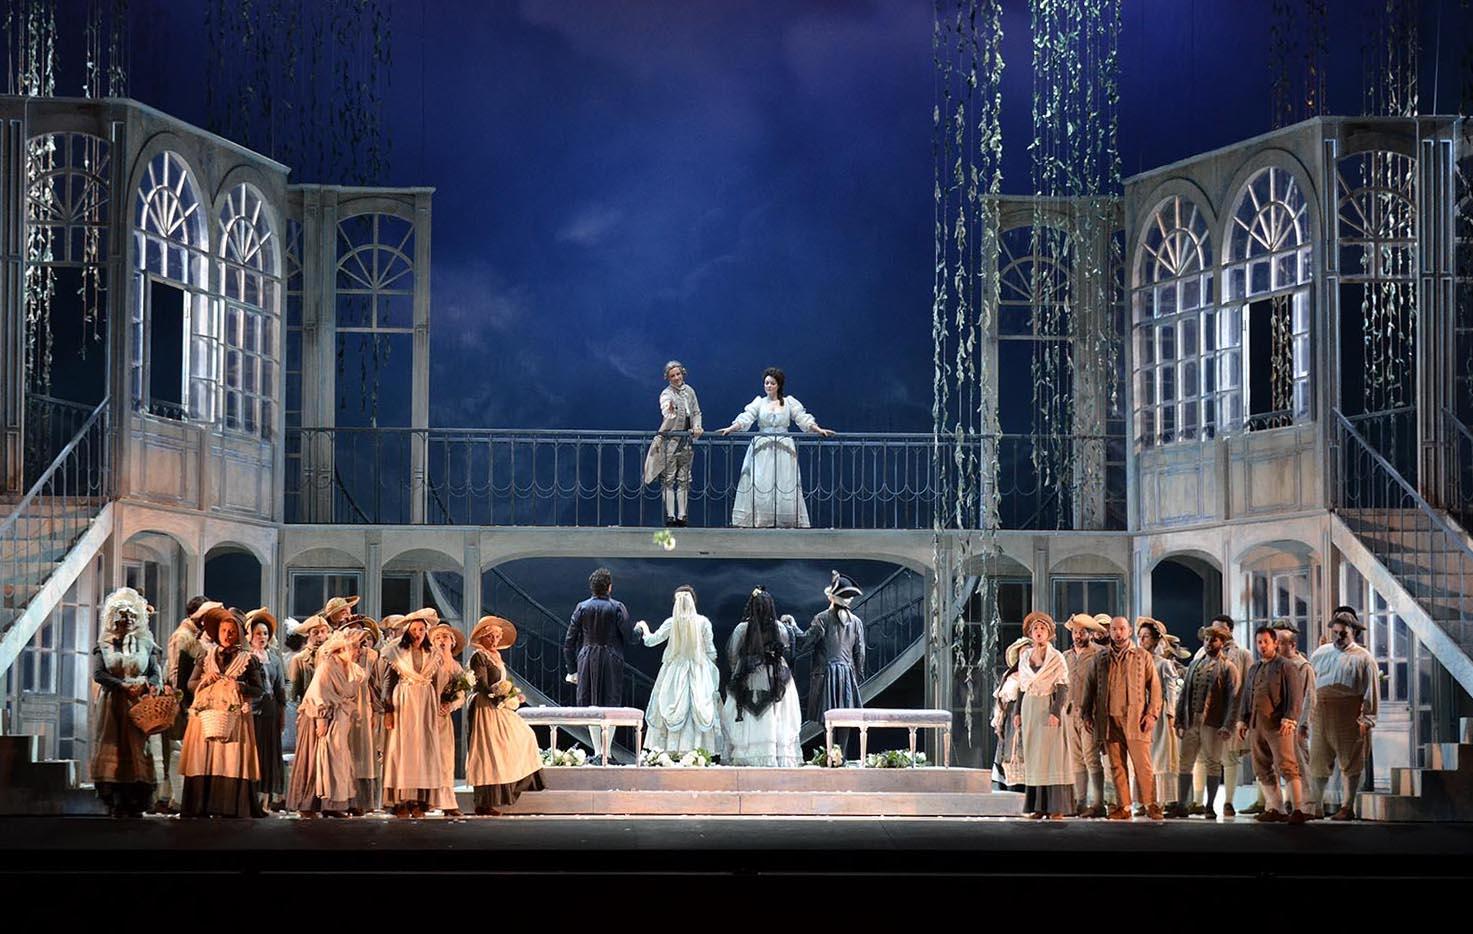 Petruzzelli: Nozze di Figaro, miseria e grandezza dell'uomo